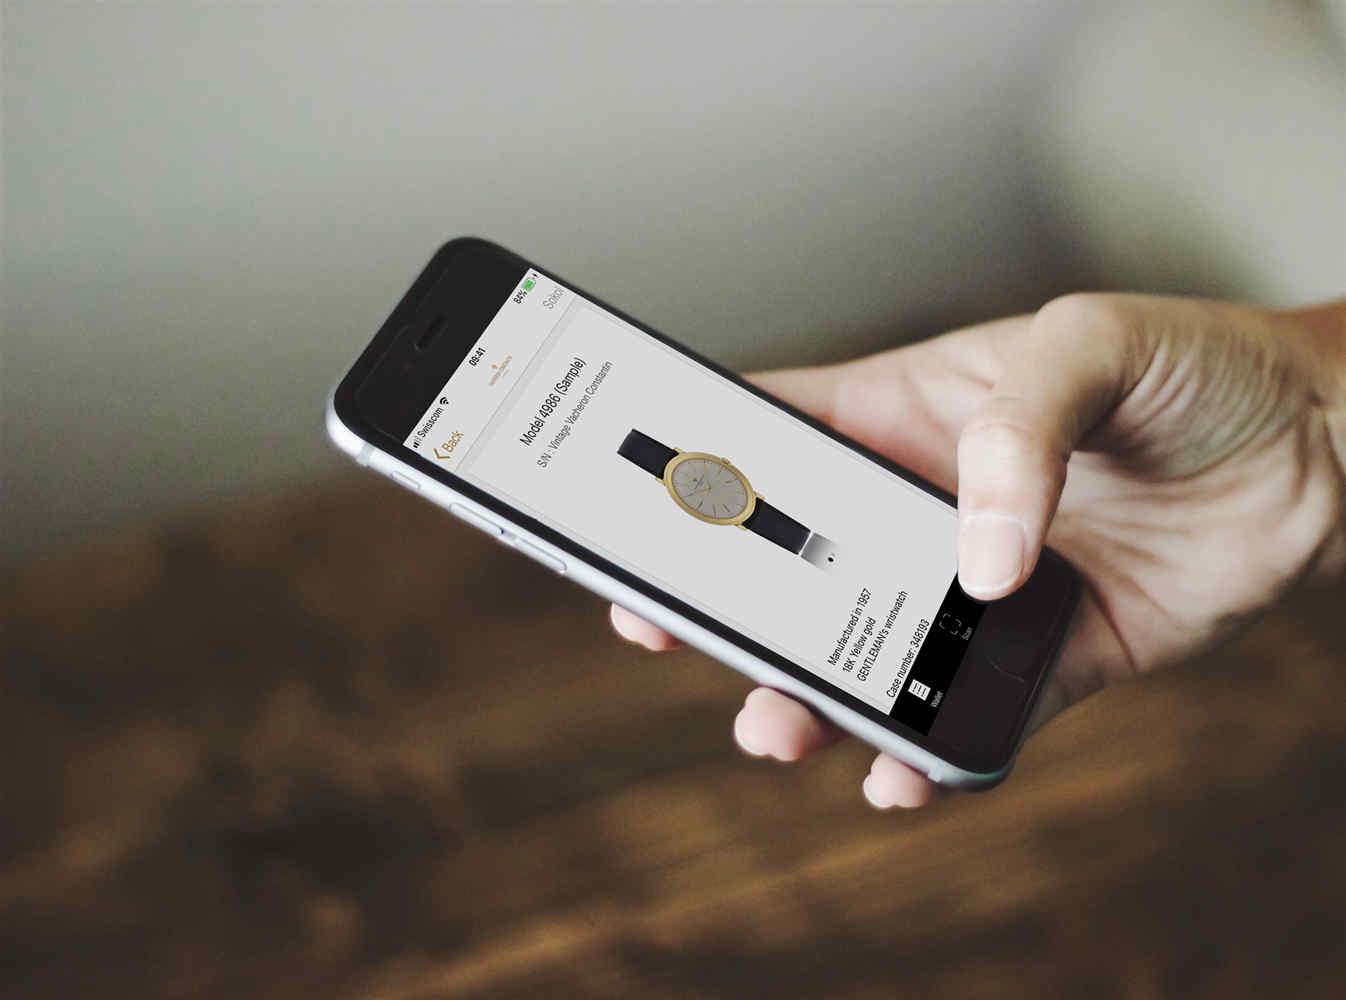 江詩丹頓將區塊鏈技術運用于數字認證證書